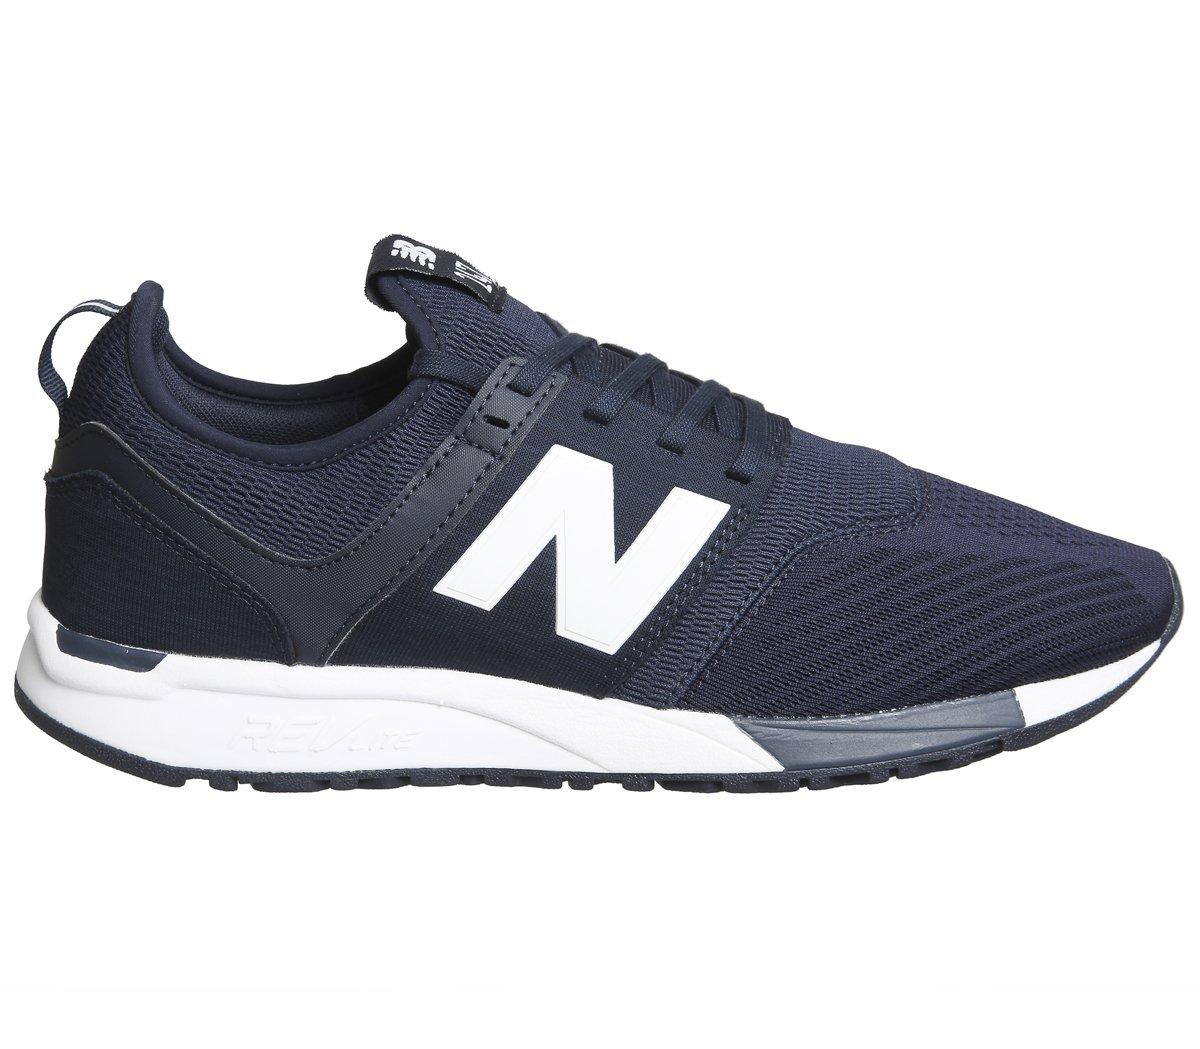 New Balance 247v1, Zapatillas para Hombre 42.5|Azul Venta de calzado deportivo de moda en línea